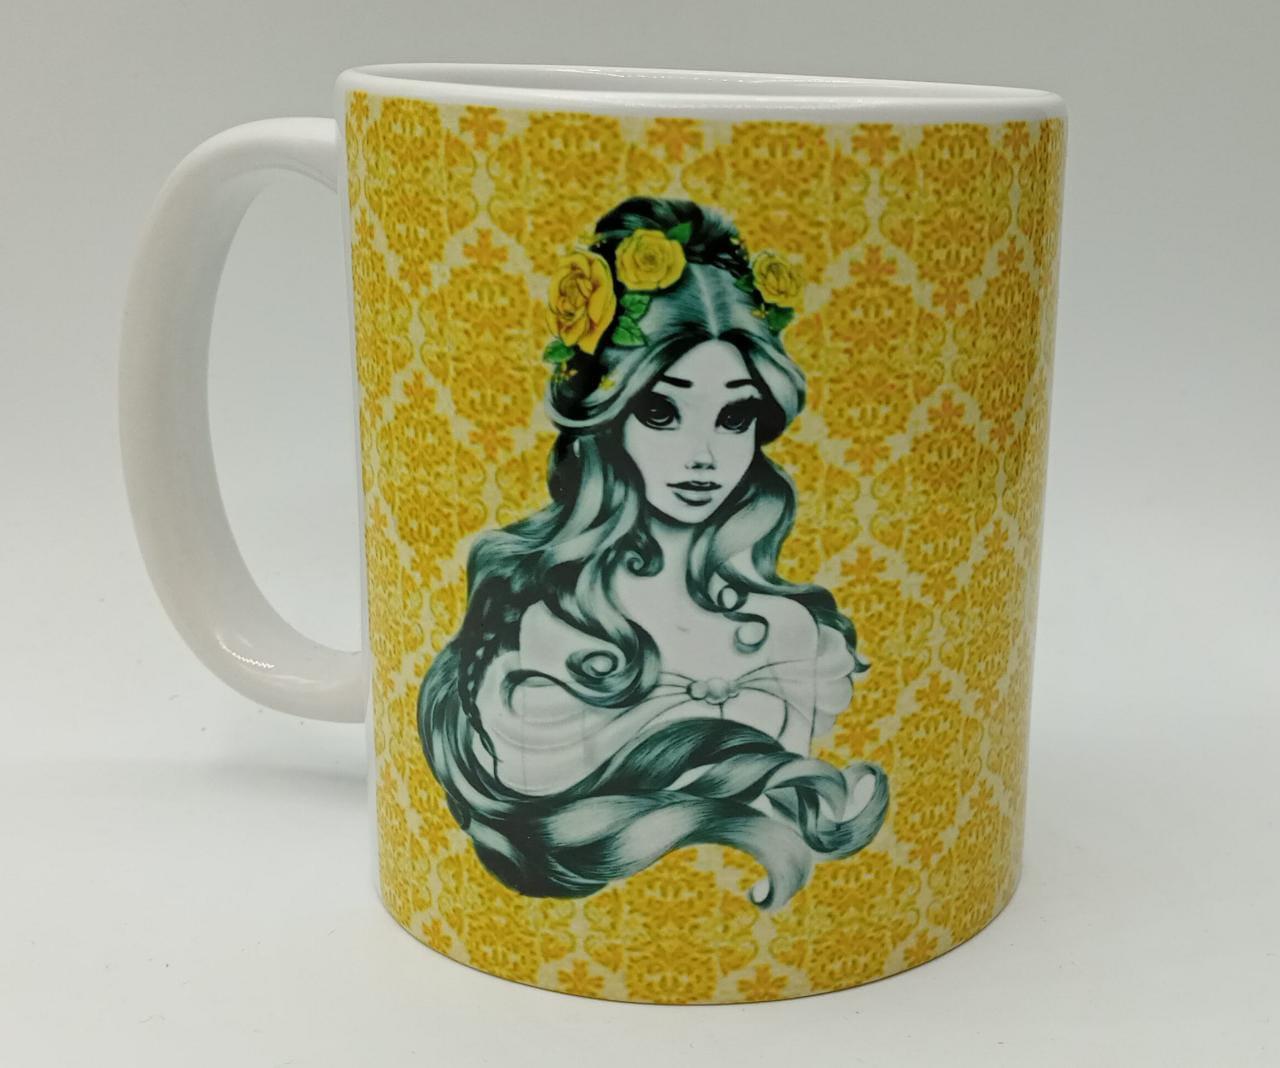 Caneca ''Princesa Bela'' - Disney (Branca)